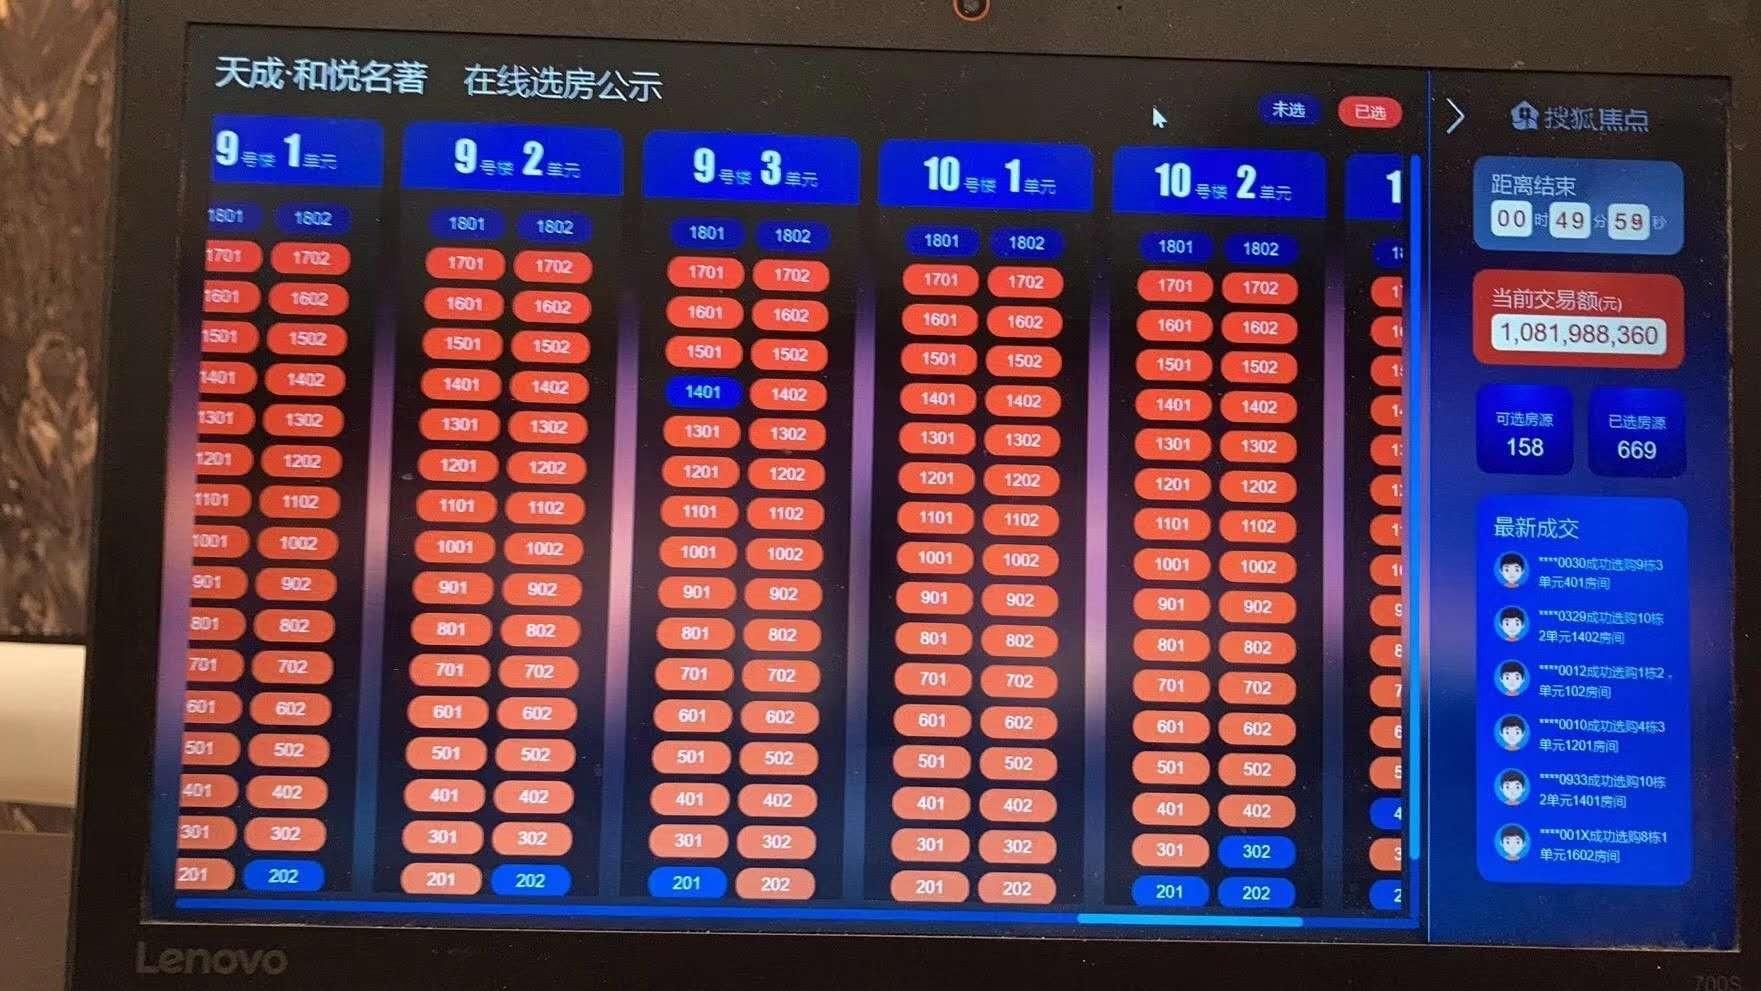 品牌地产天成荣盛PK作战  抢滩入市劲销约20亿